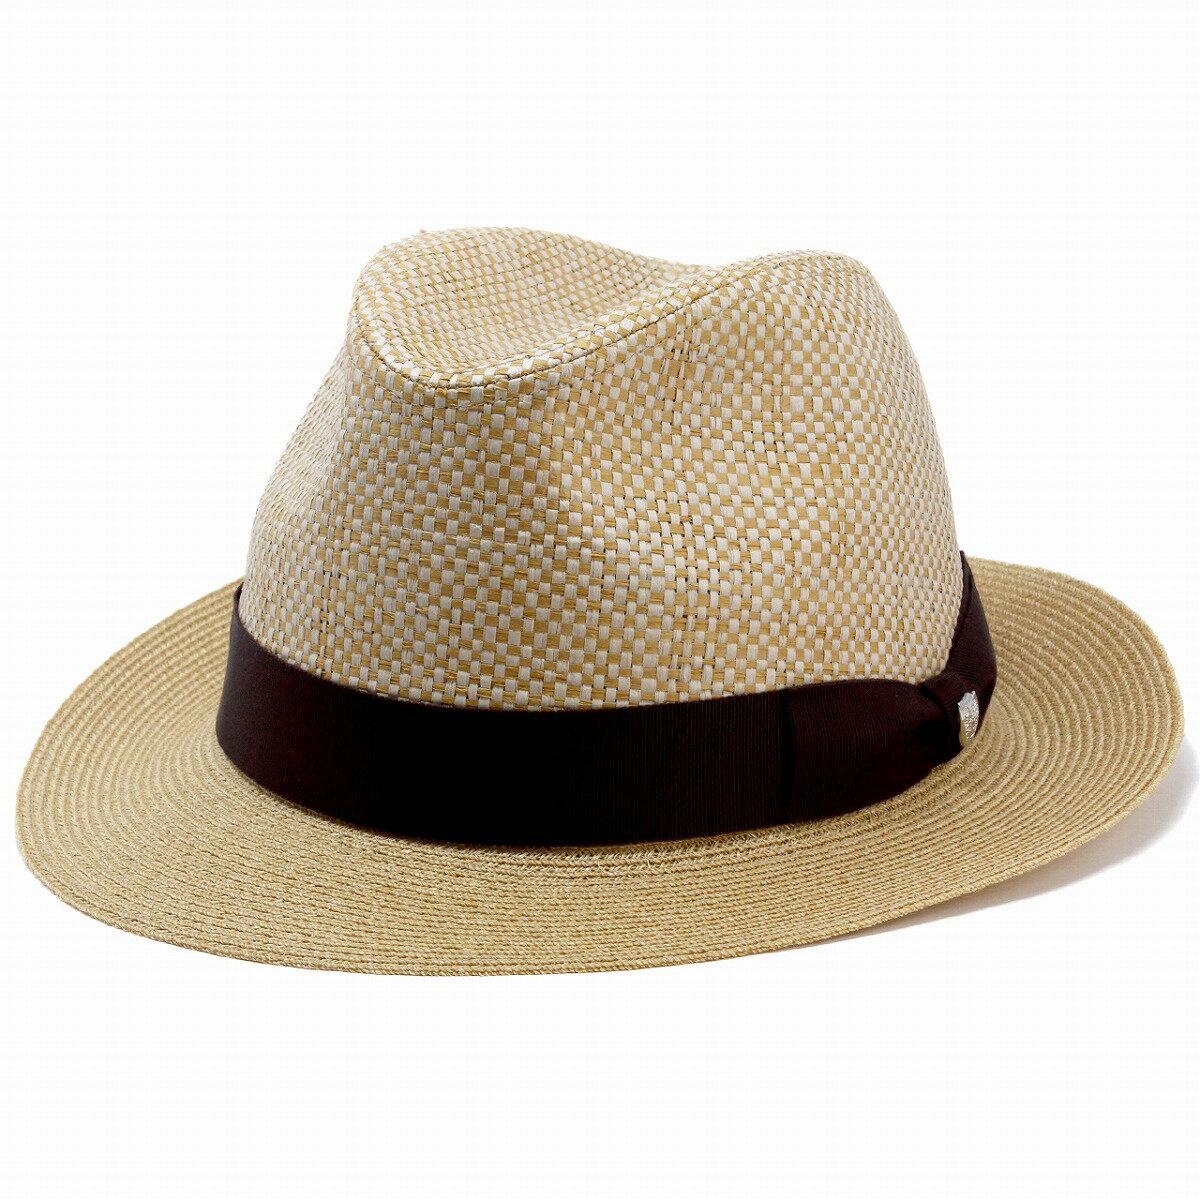 3ac06c21d50ad5 ダックス ストローハット メンズ daks ベレー帽 帽子 ハンチング 中折れ borsalino ハット DAKS 中折れ帽 紳士 シンプル ペーパー ハット フラット ブレードハット BL型 ...